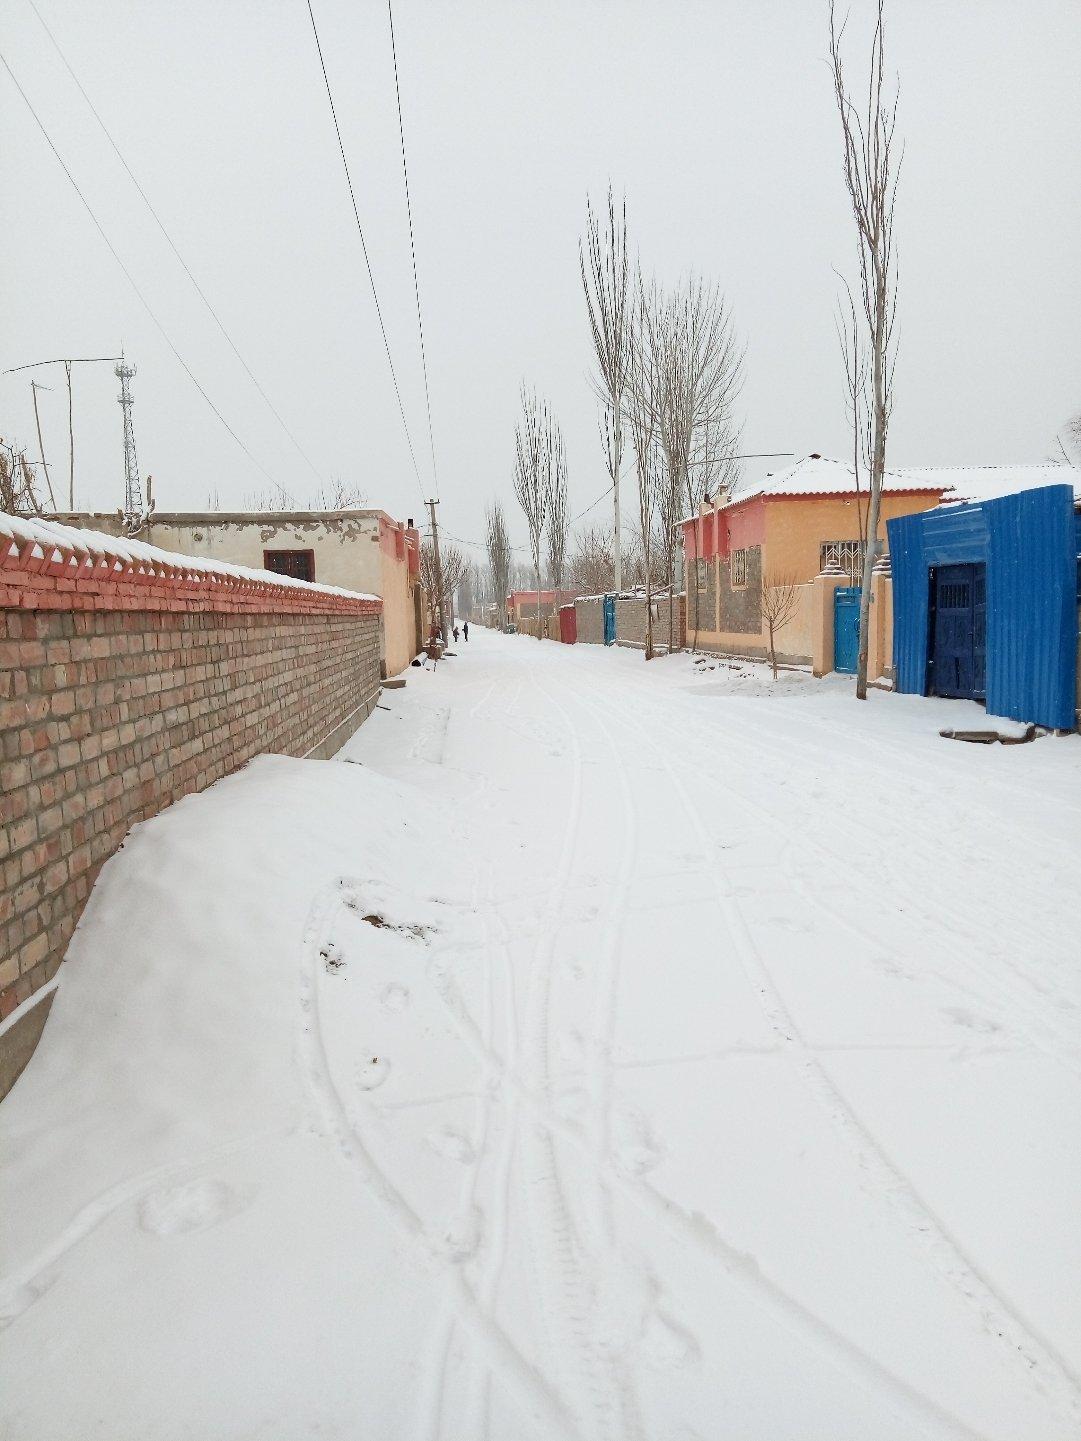 新疆维吾尔自治区和田地区策勒县达玛沟乡普那克村天气预报